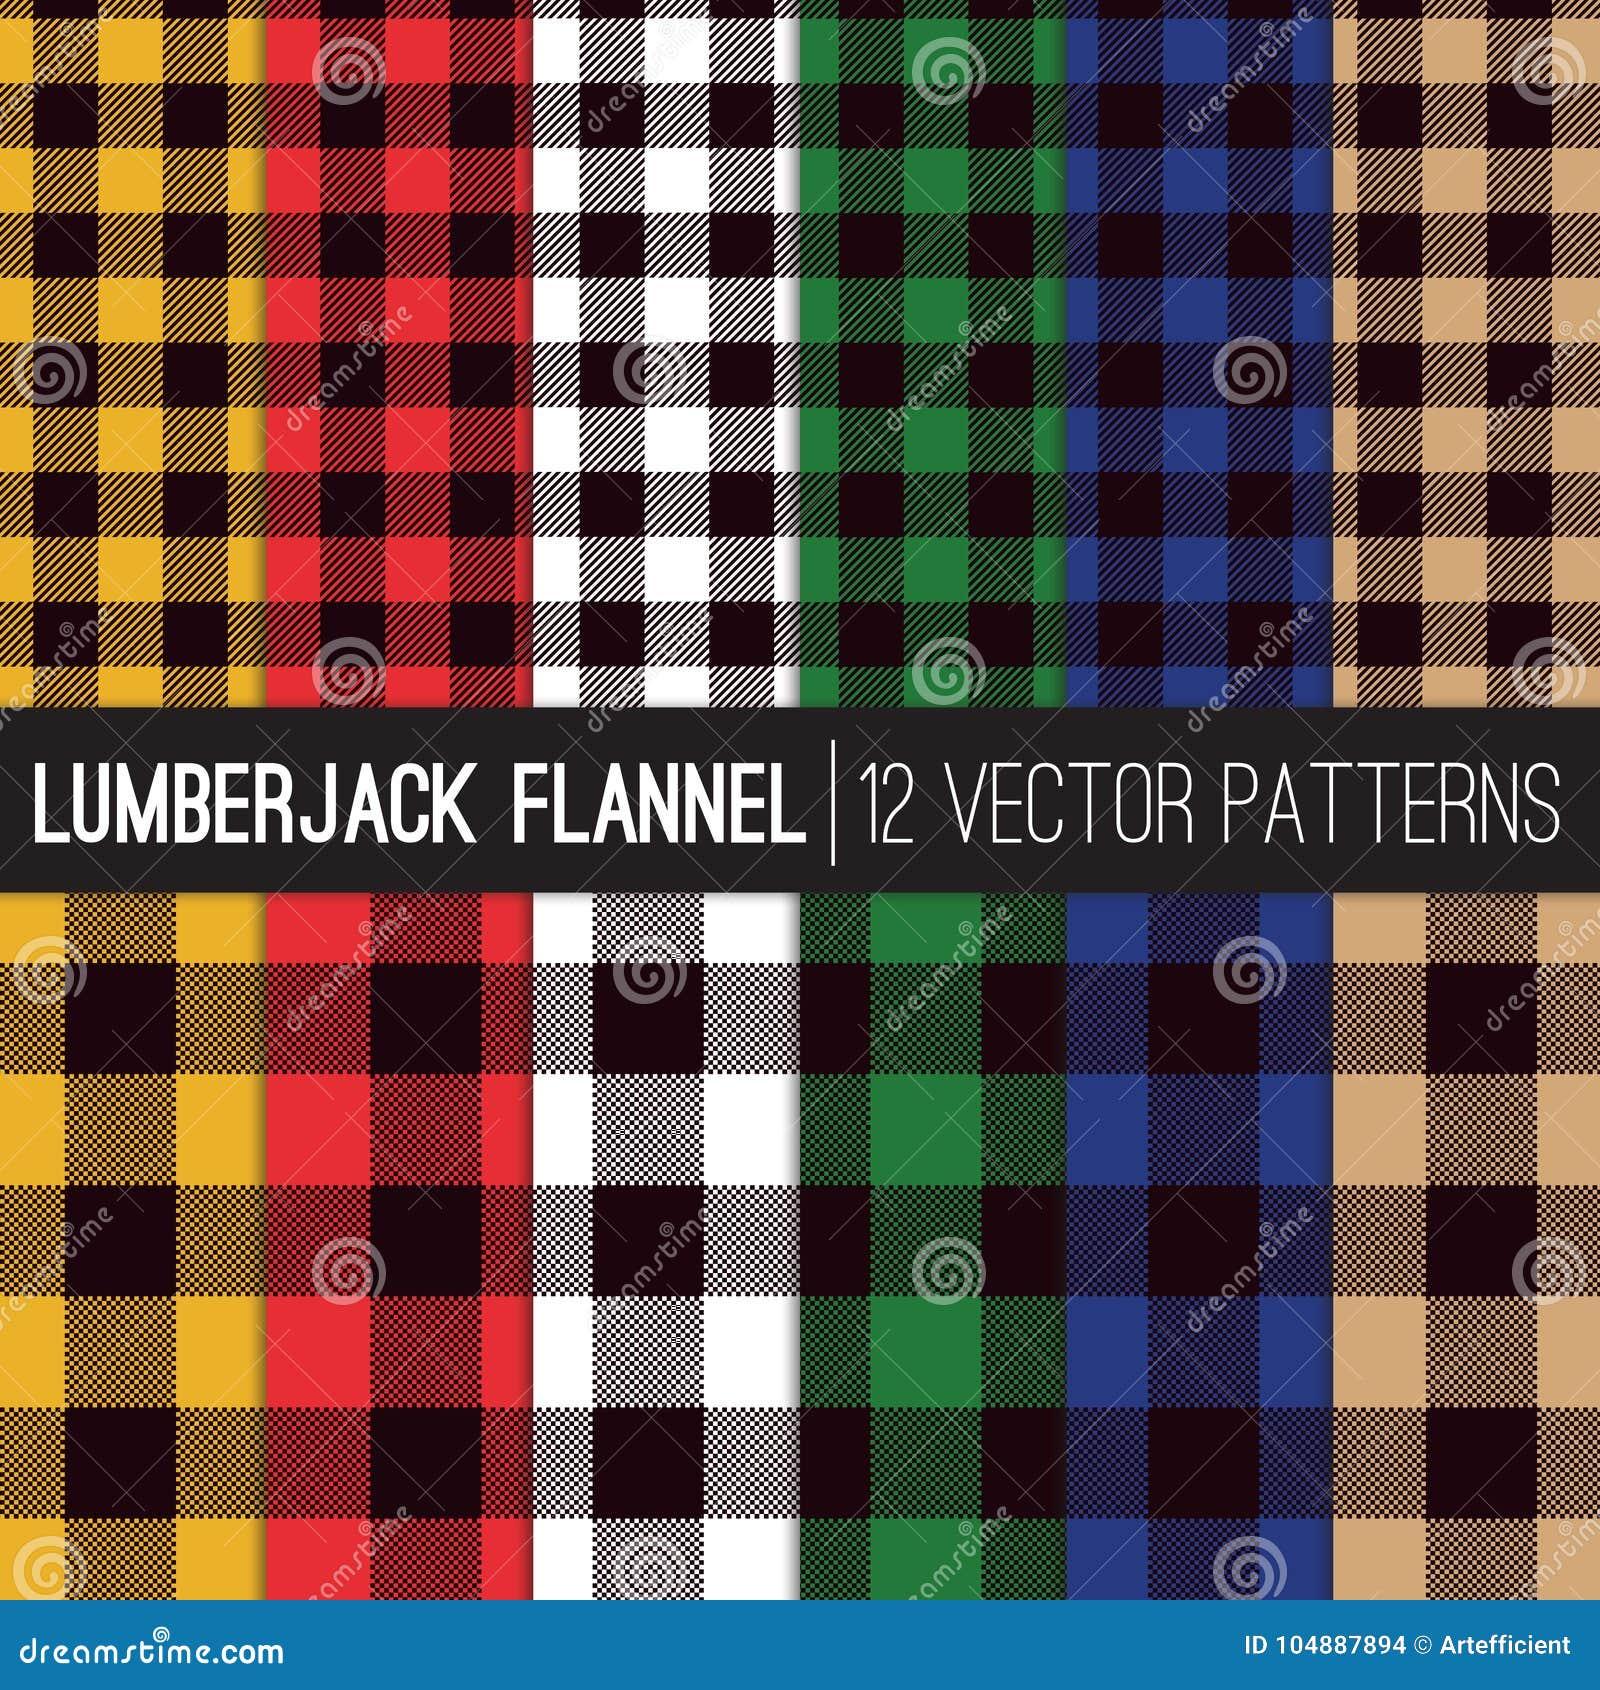 De veelkleurige Vectorpatronen van Houthakkersflannel shirt plaid